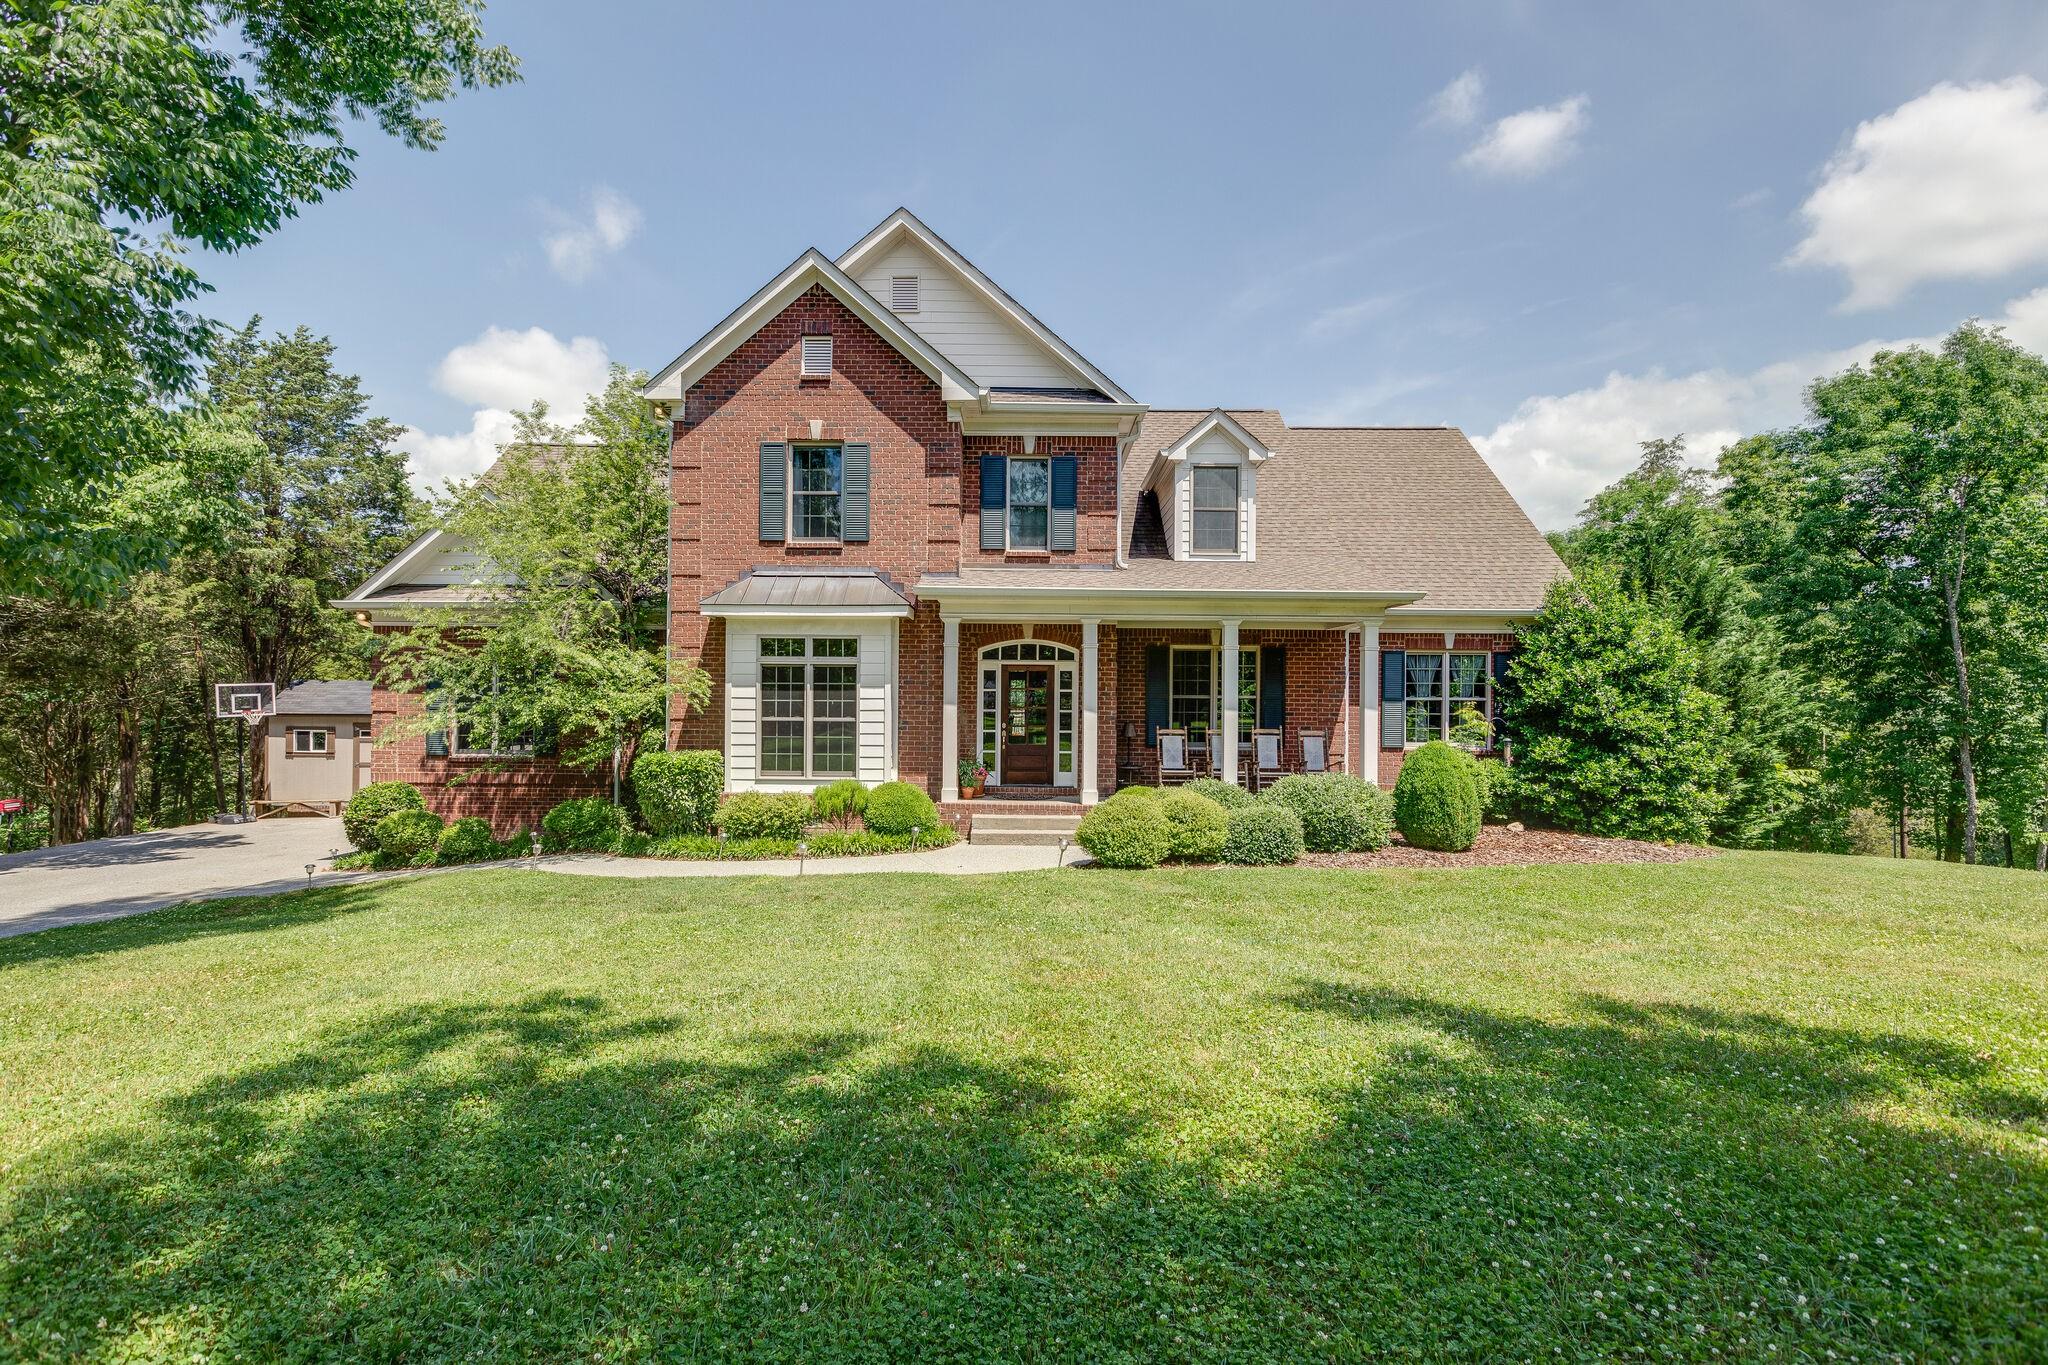 Battlewood Est Sec 1 Real Estate Listings Main Image